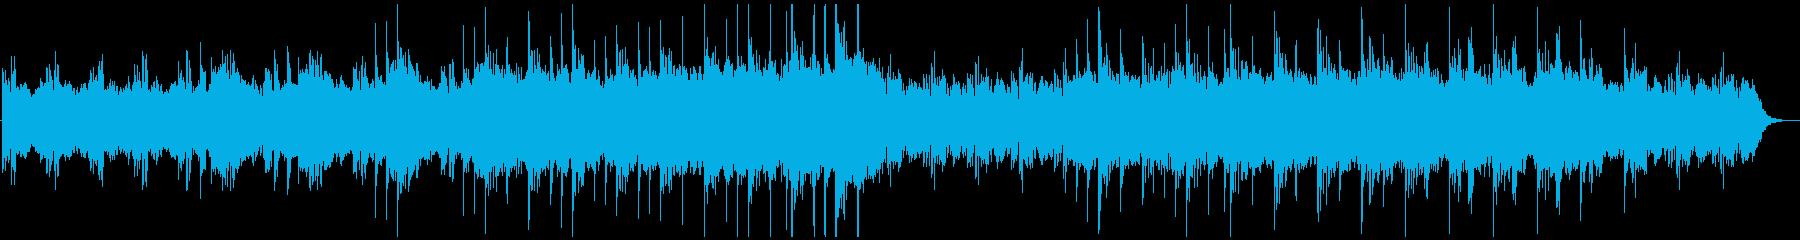 緩やかなピアノのヒーリング・ミュージックの再生済みの波形